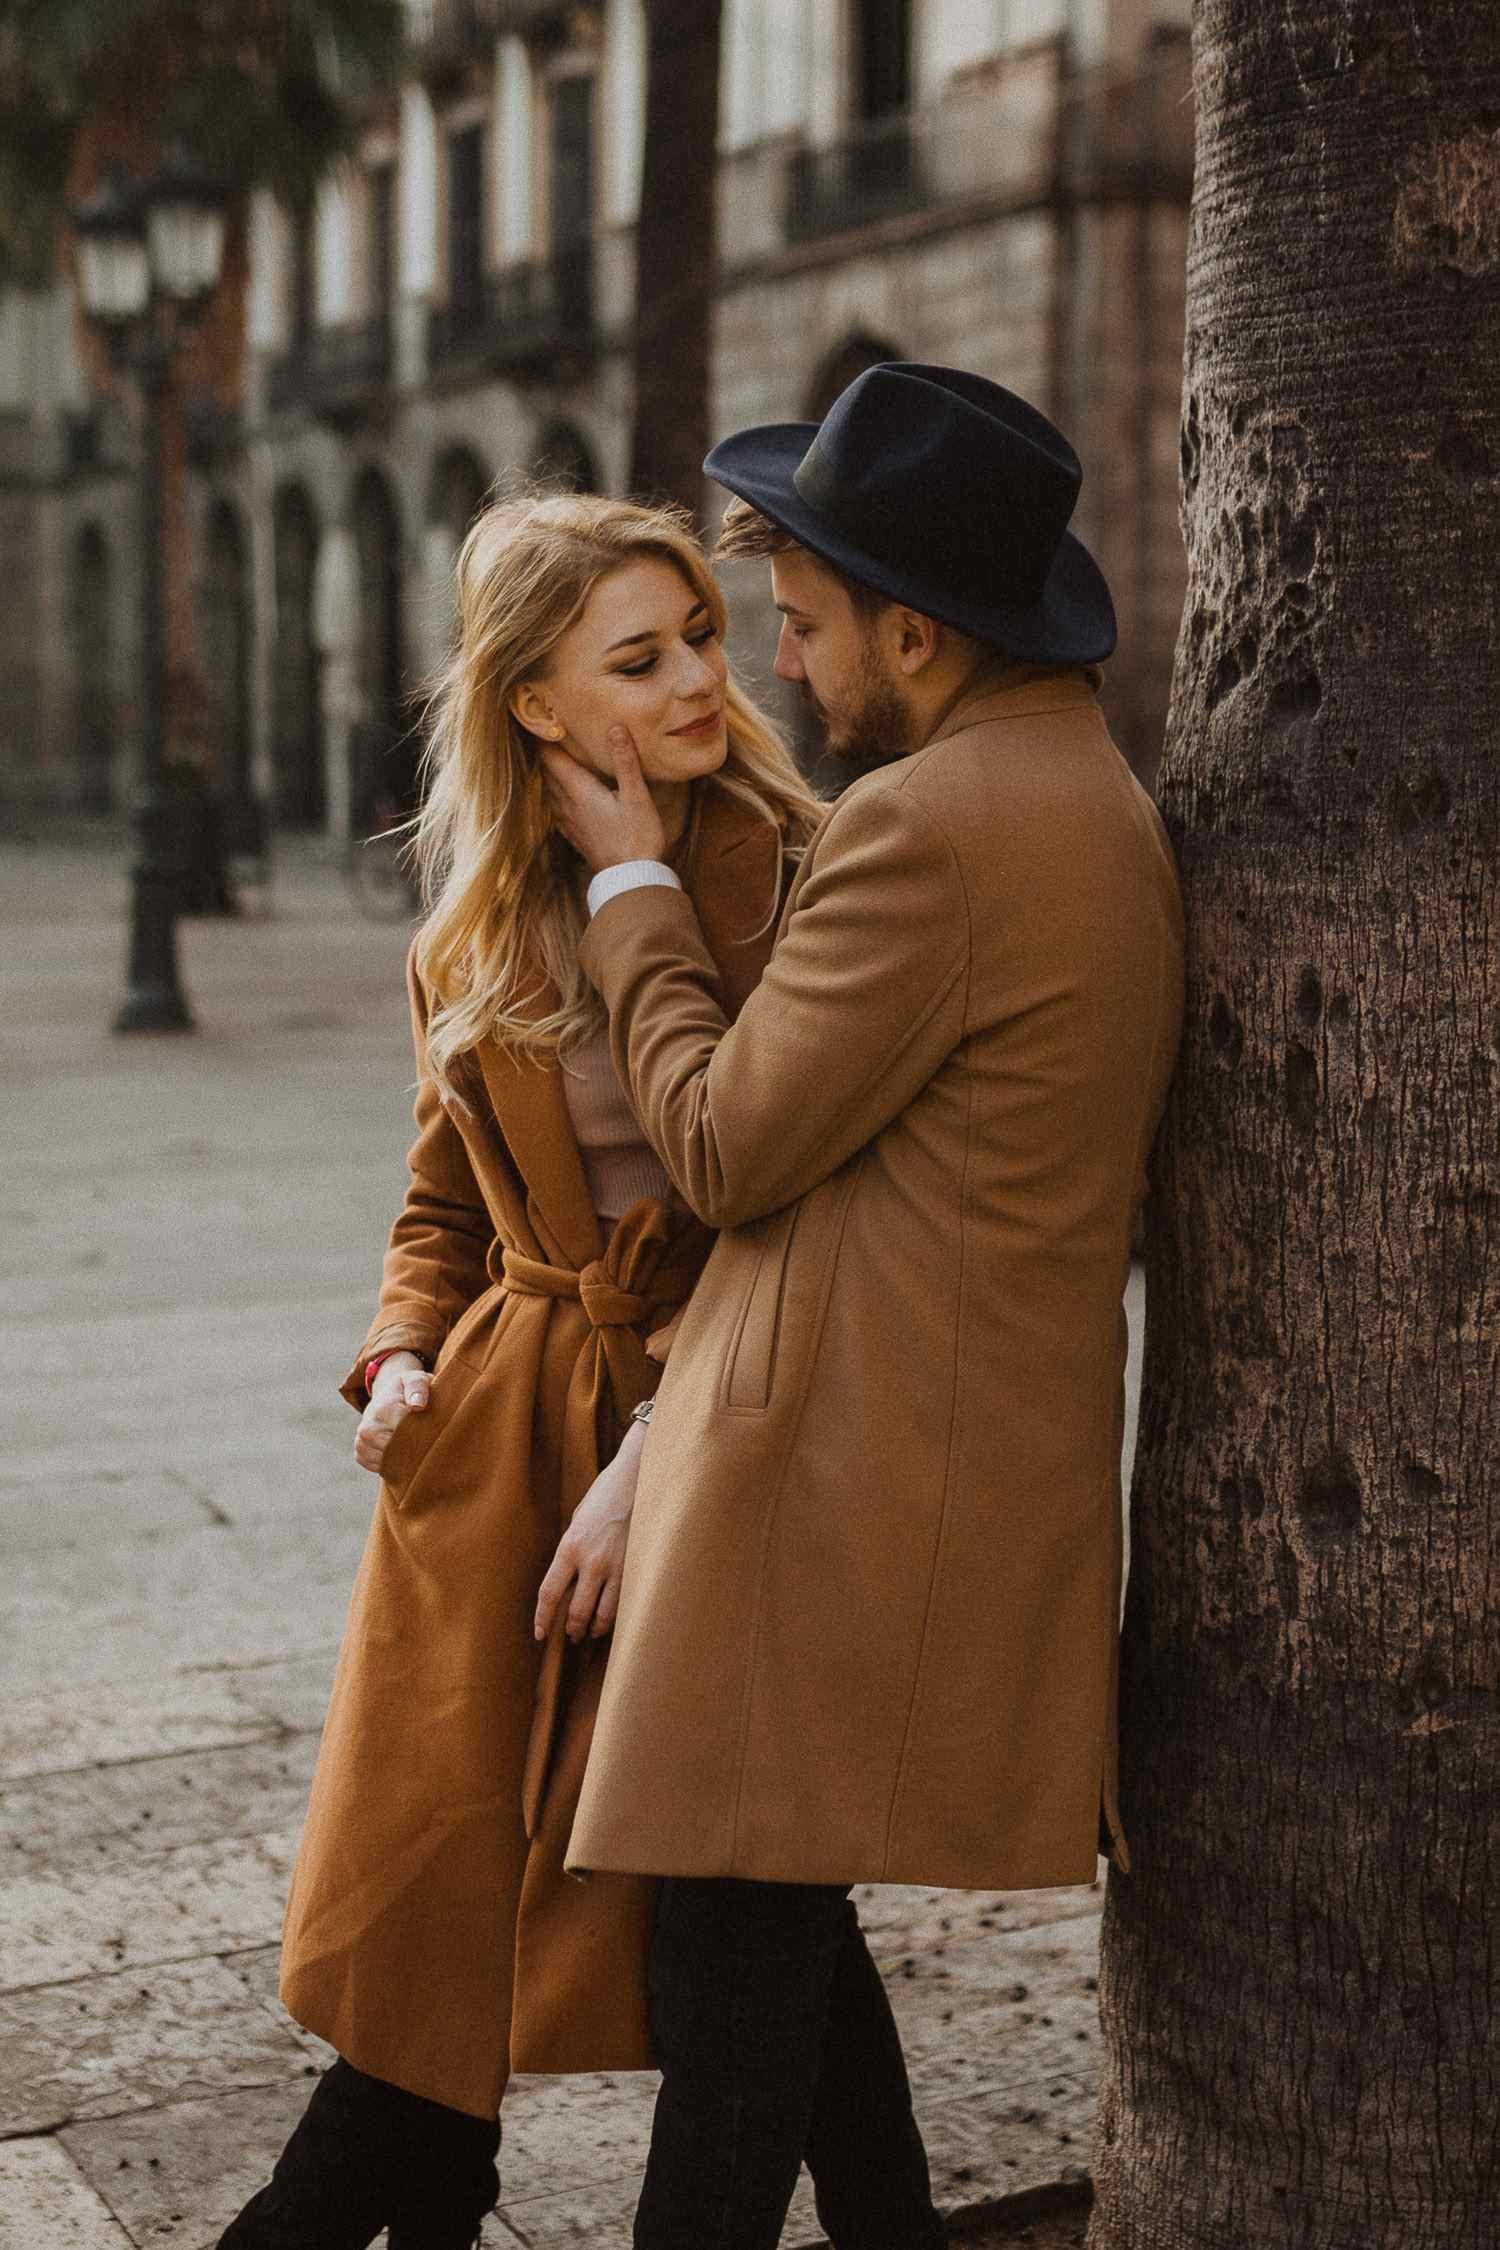 Couple photoshoot in Barcelona